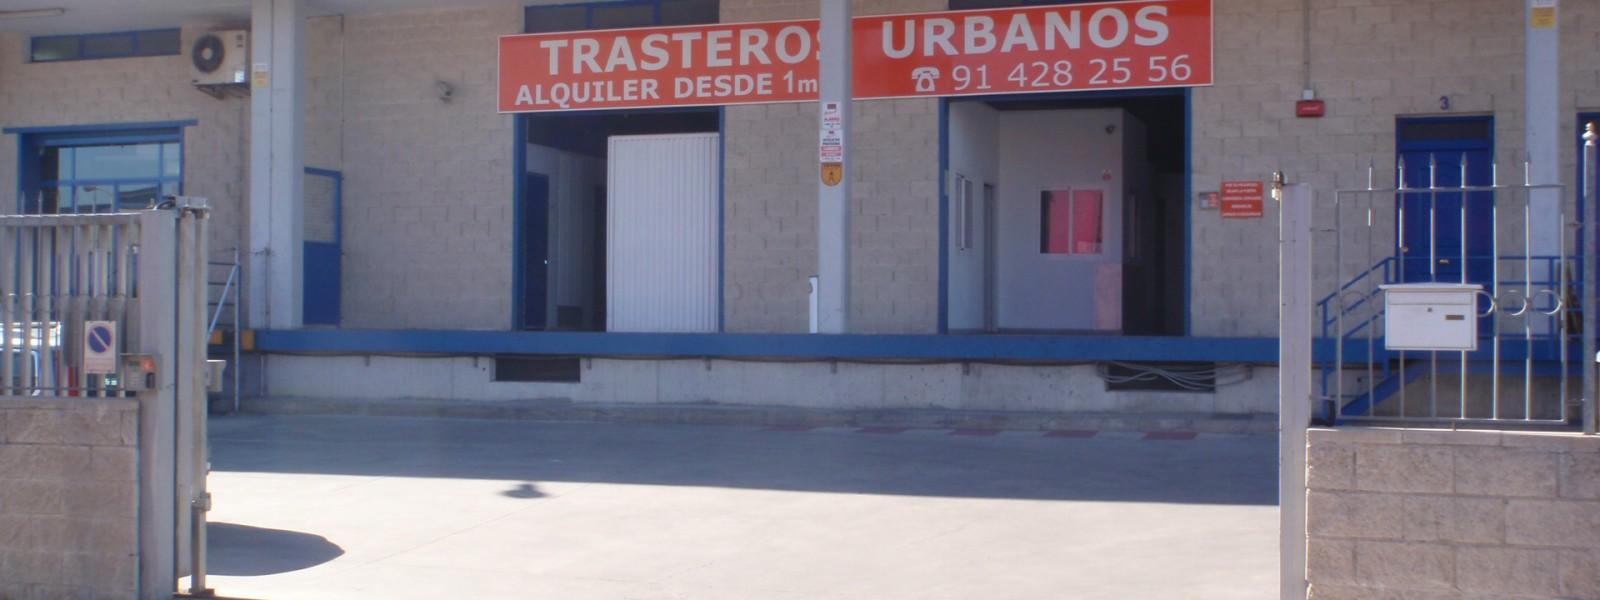 Recinto cerrado, parking gratuito y muelles de carga